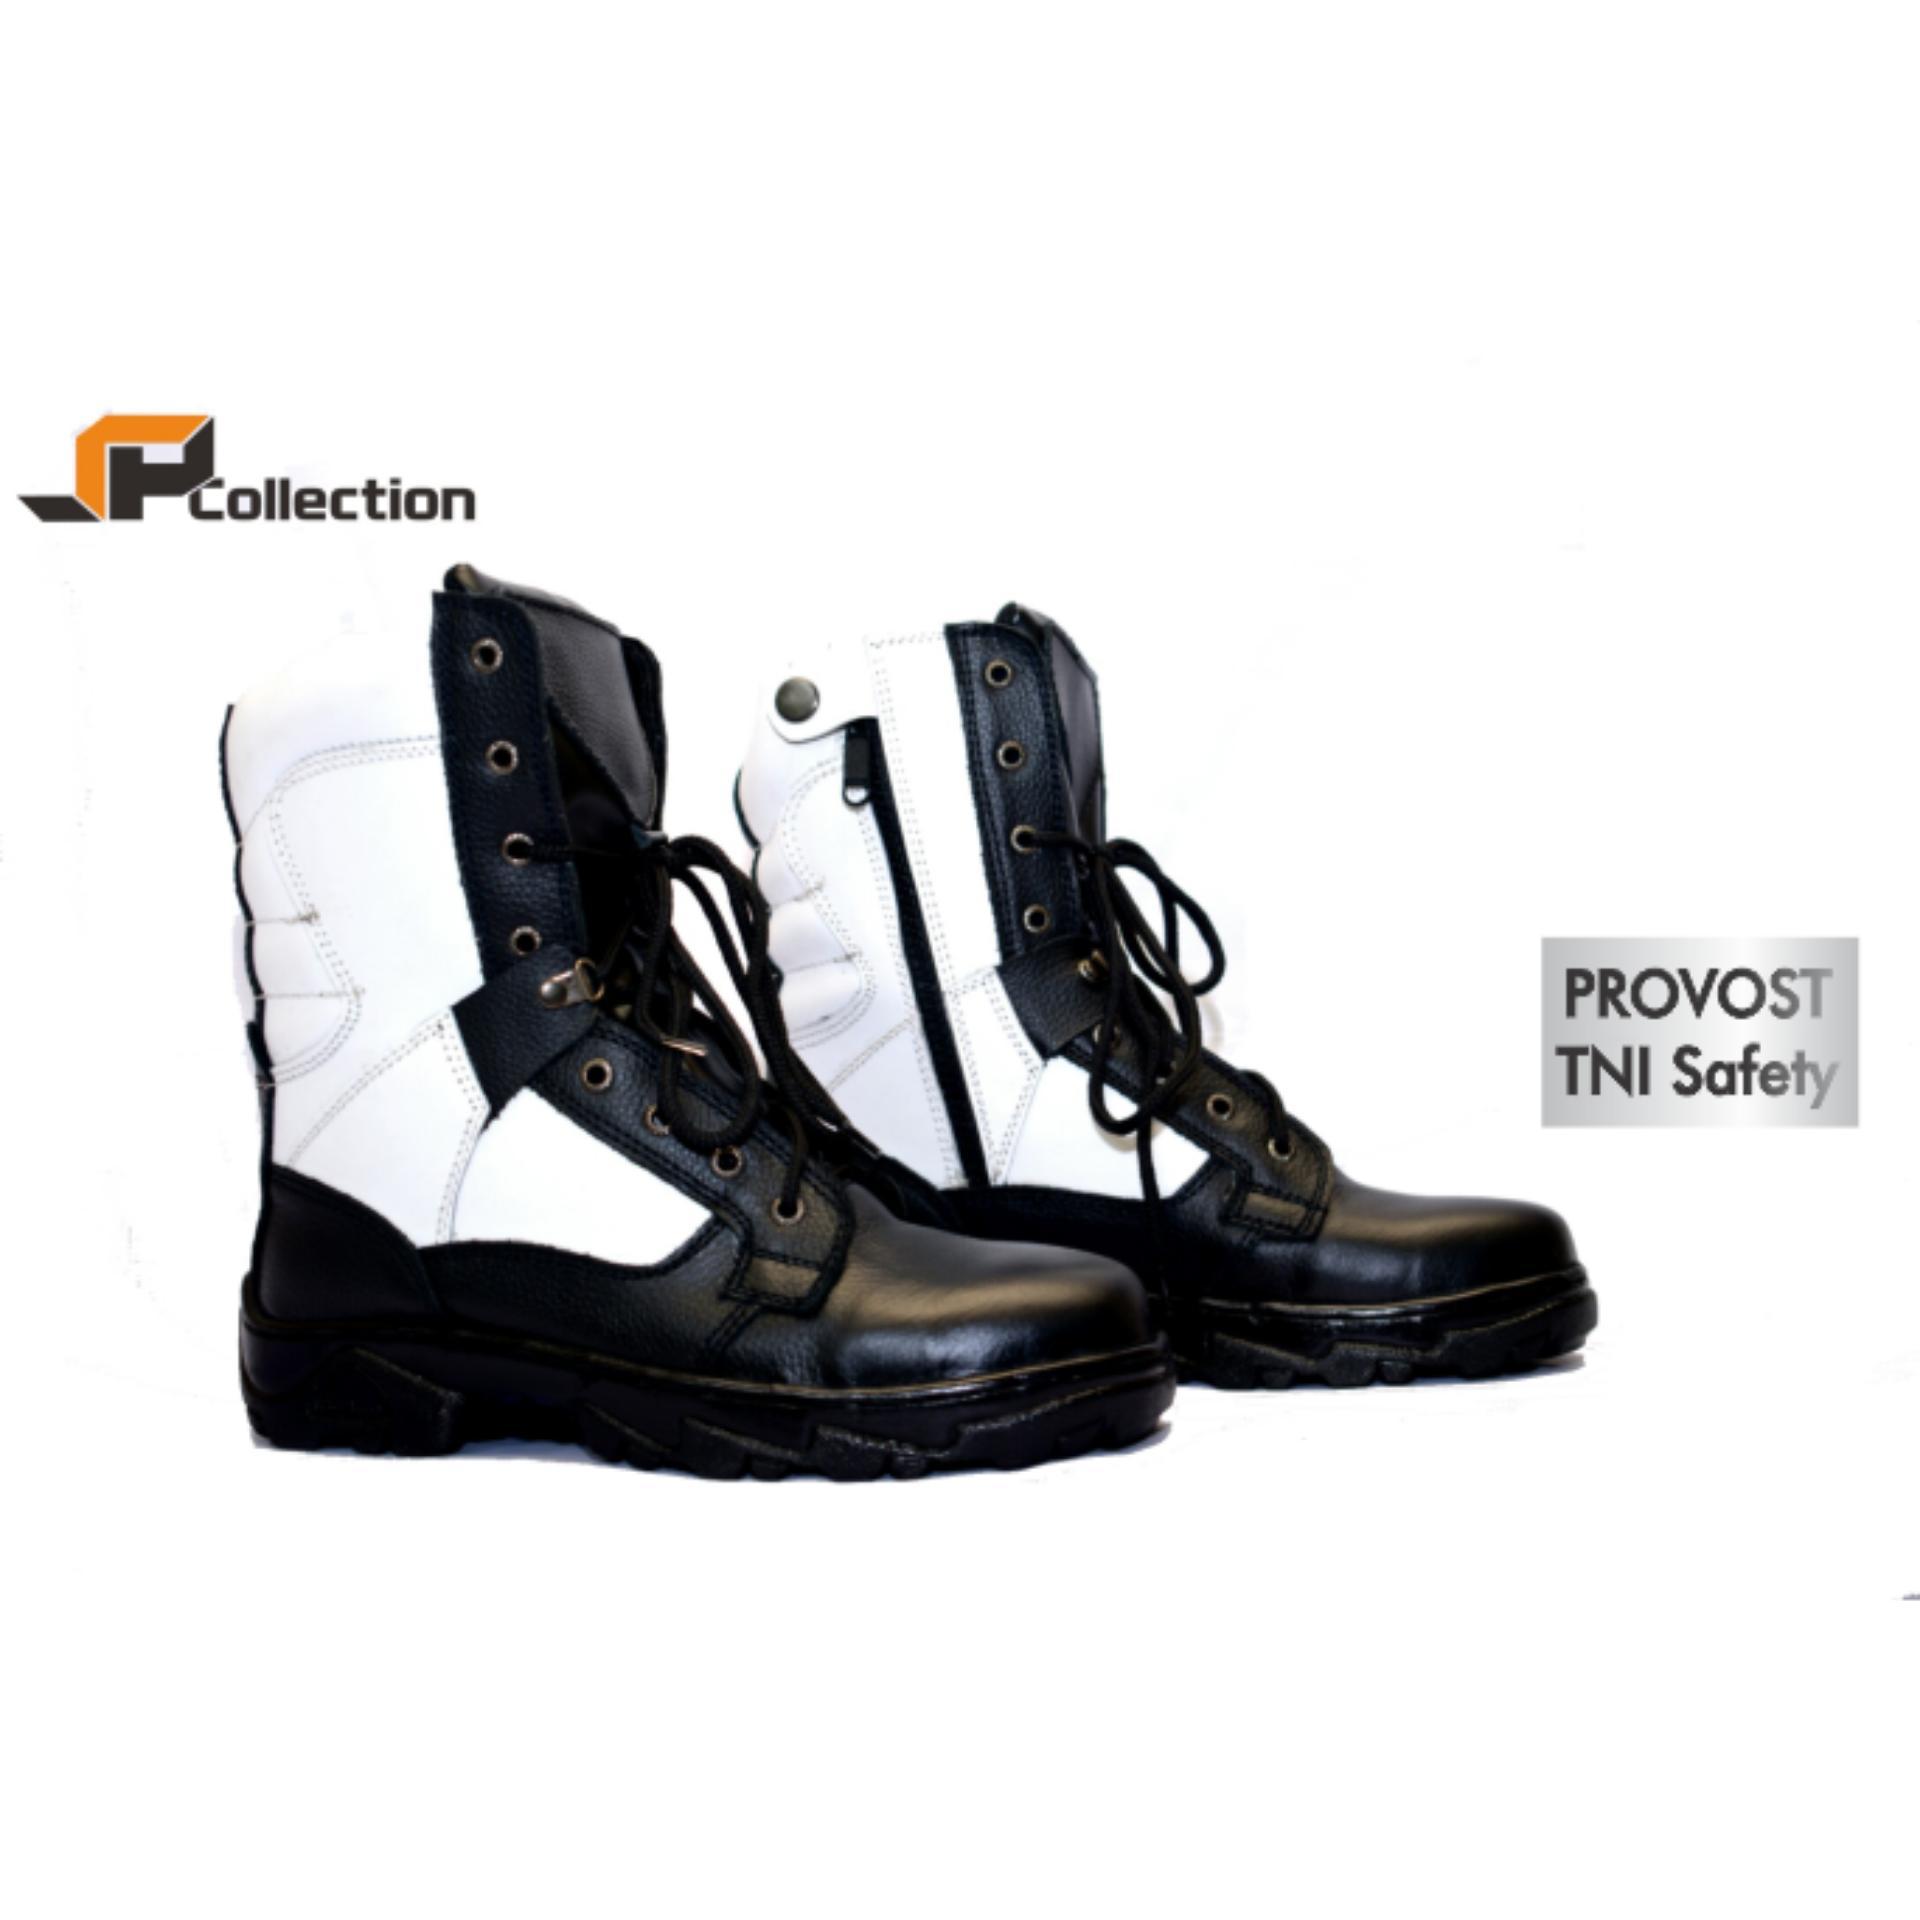 JAFERI Sepatu Boots Provost TNI Safety Warna Hitam-Putih Bahan Kulit Sapi Asli Dengan Besi Pengaman Di Depan